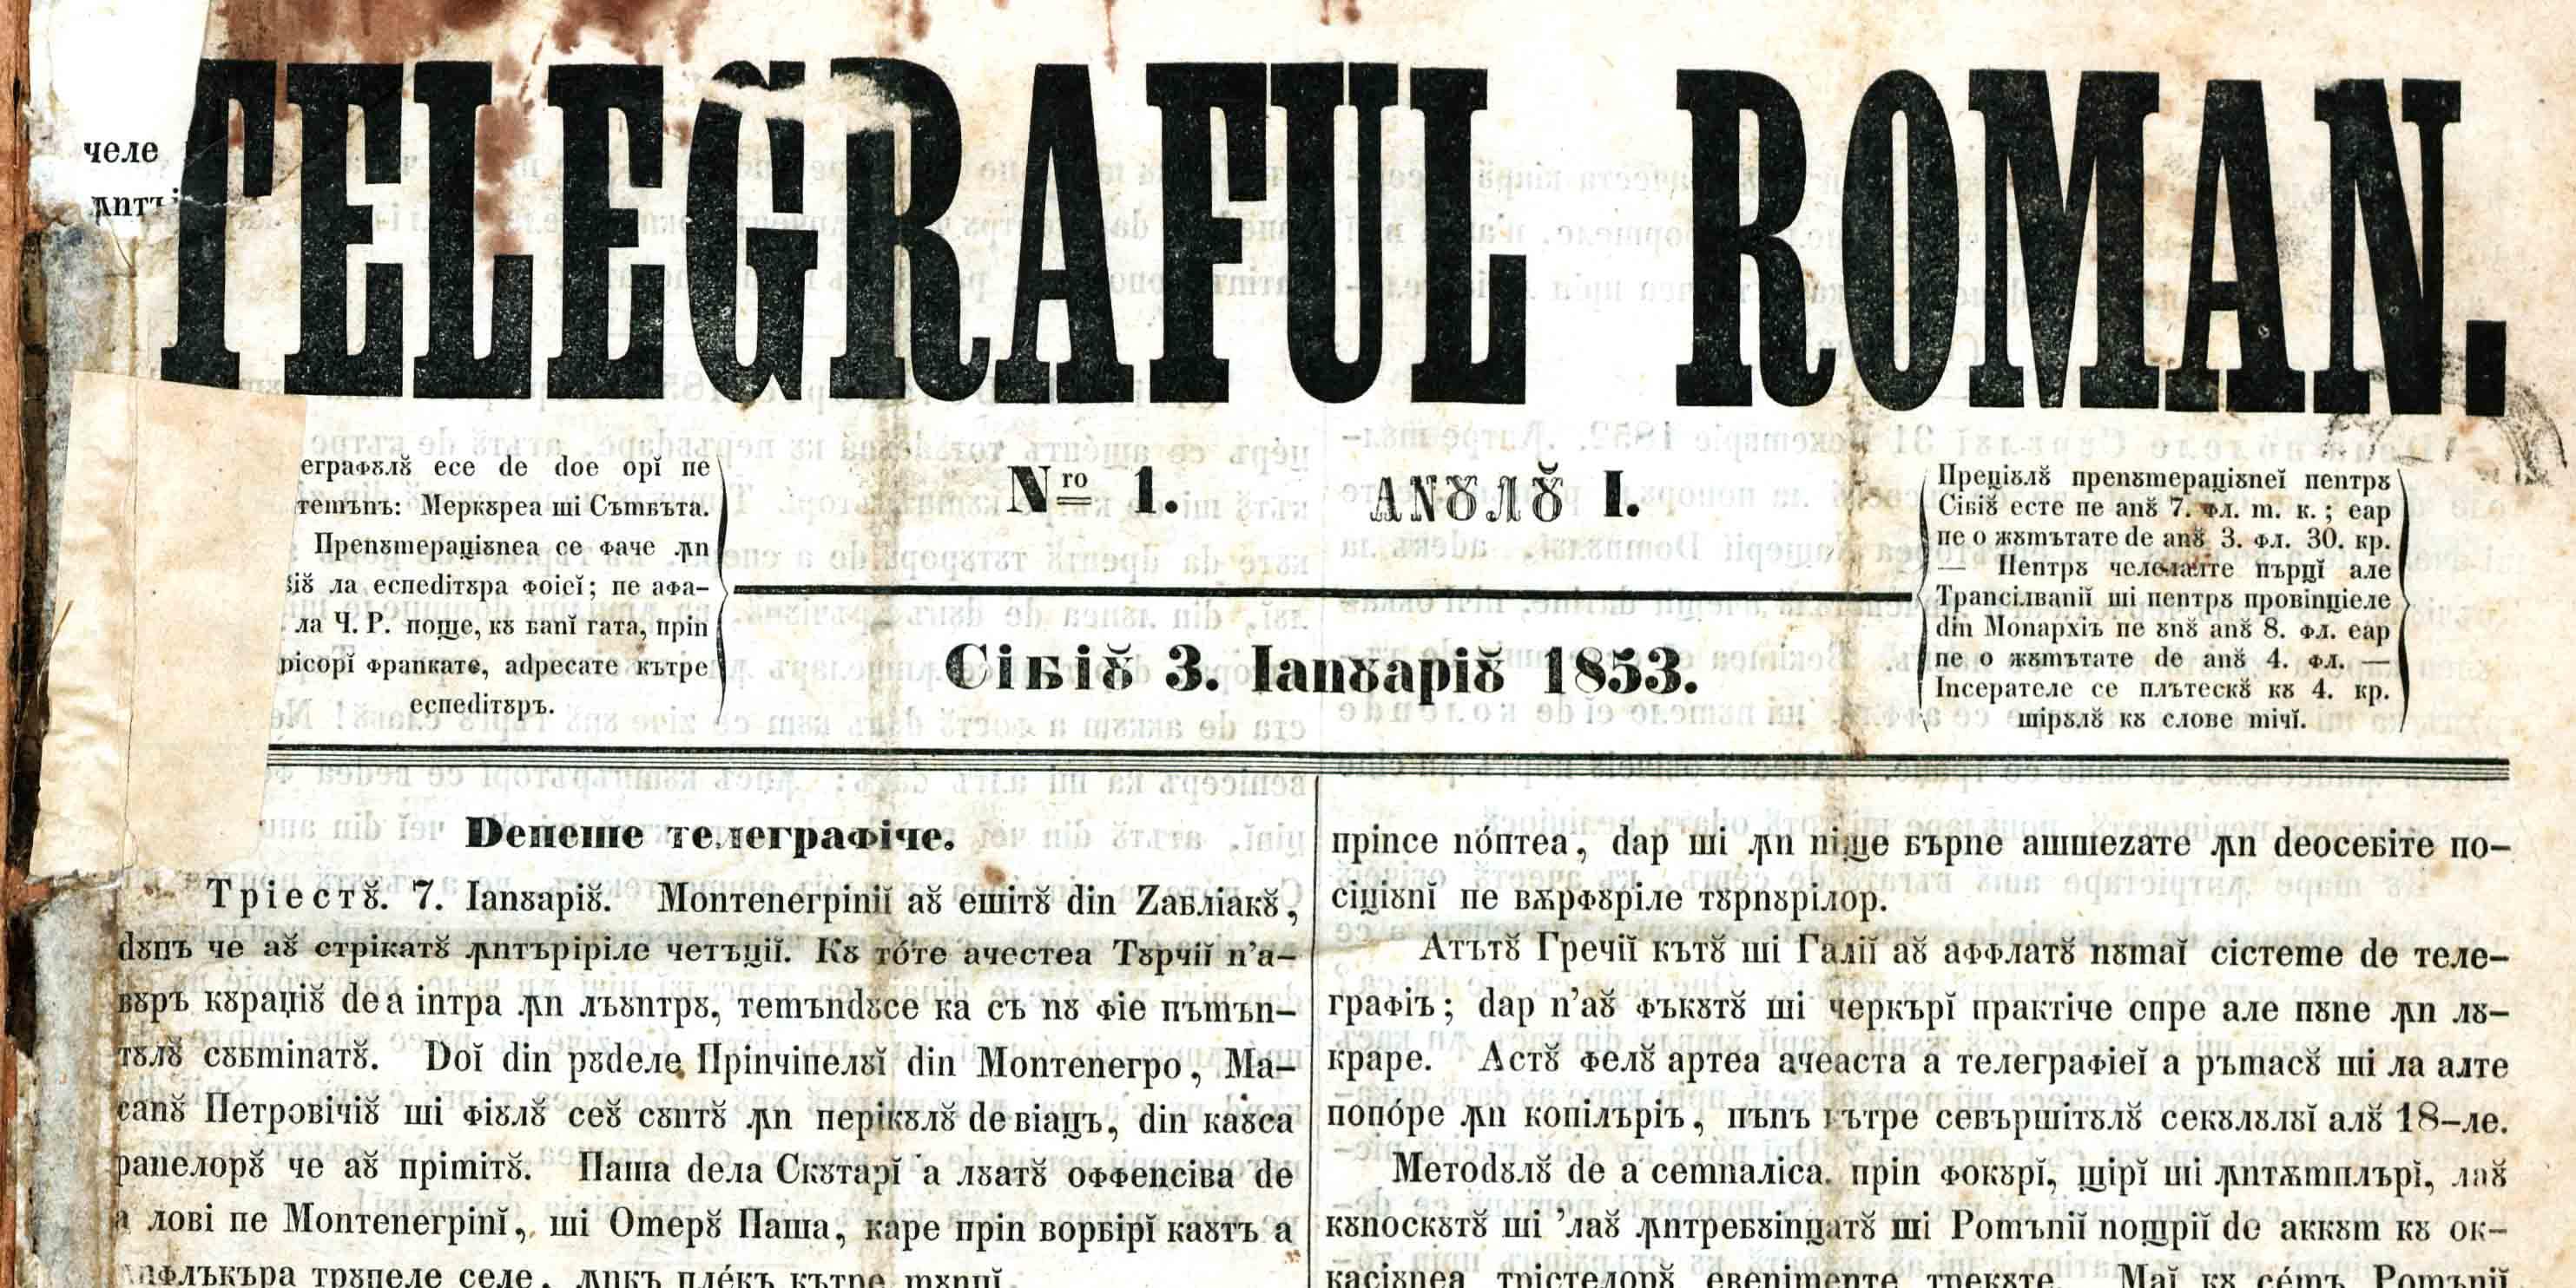 Biblioteca digitală - arhiva în mișcare a Bibliotecii Județene ASTRA Sibiu